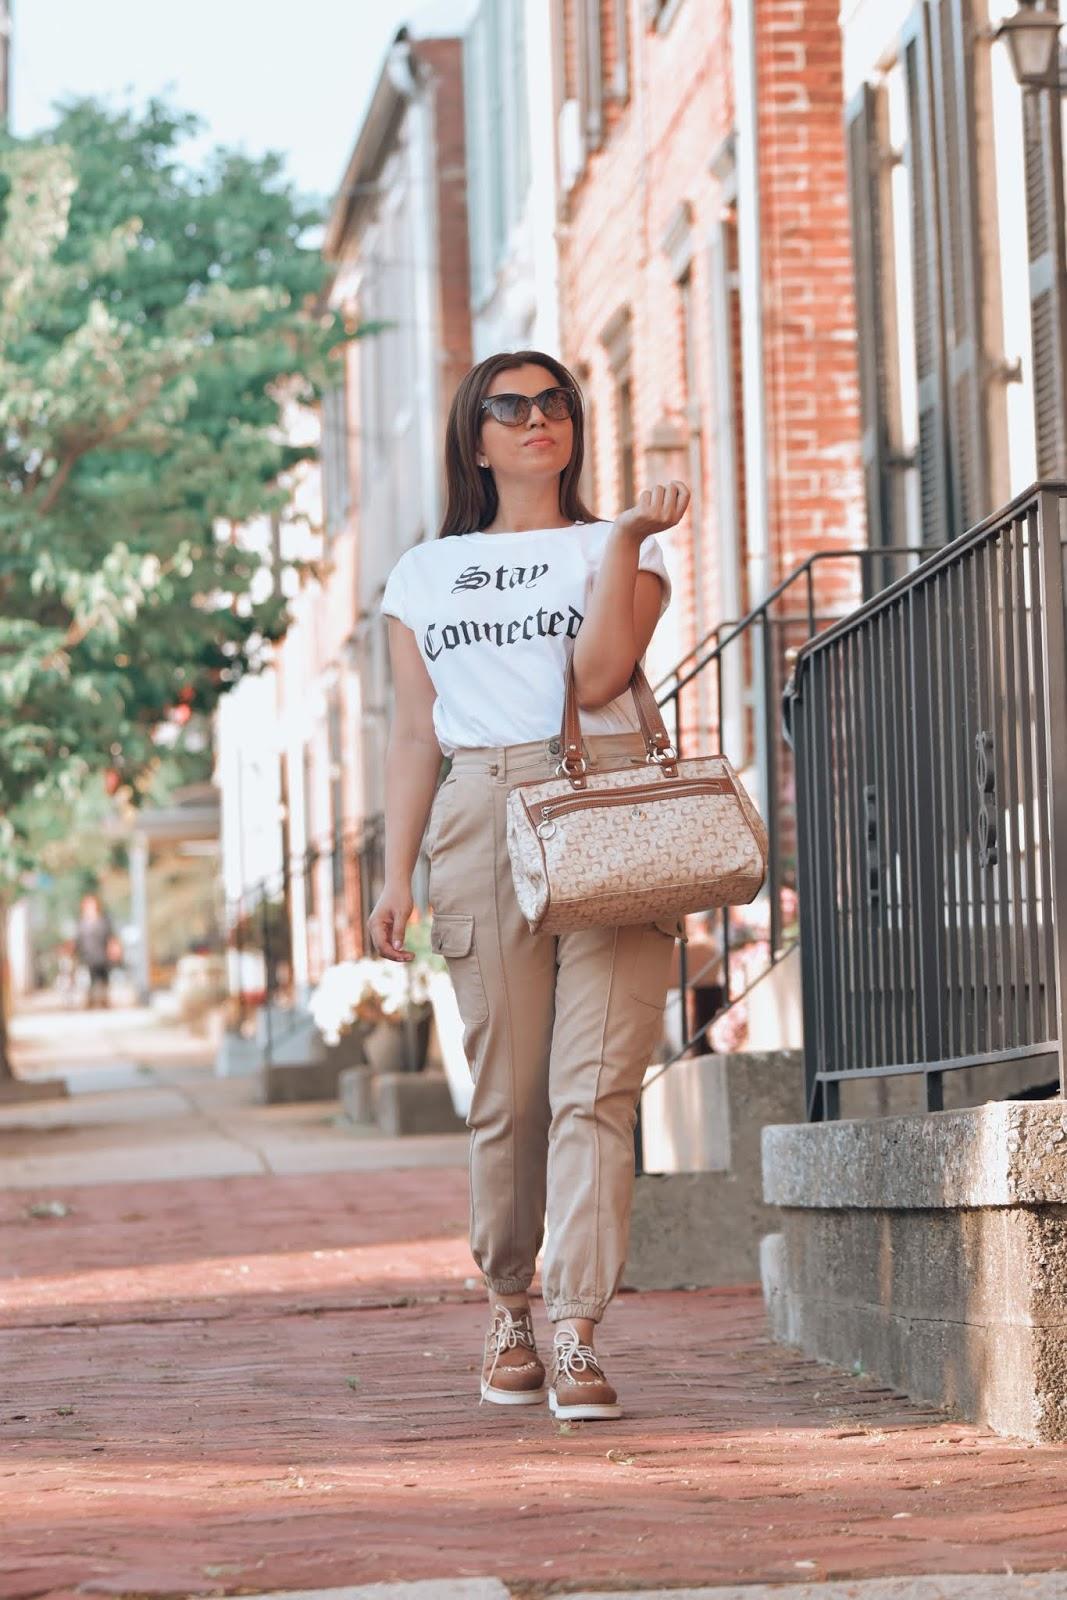 Como Usar Un Outfit Neutro En Verano -mariestilo-como combinar neutros-como crear outfits desde cero-streetstyle-